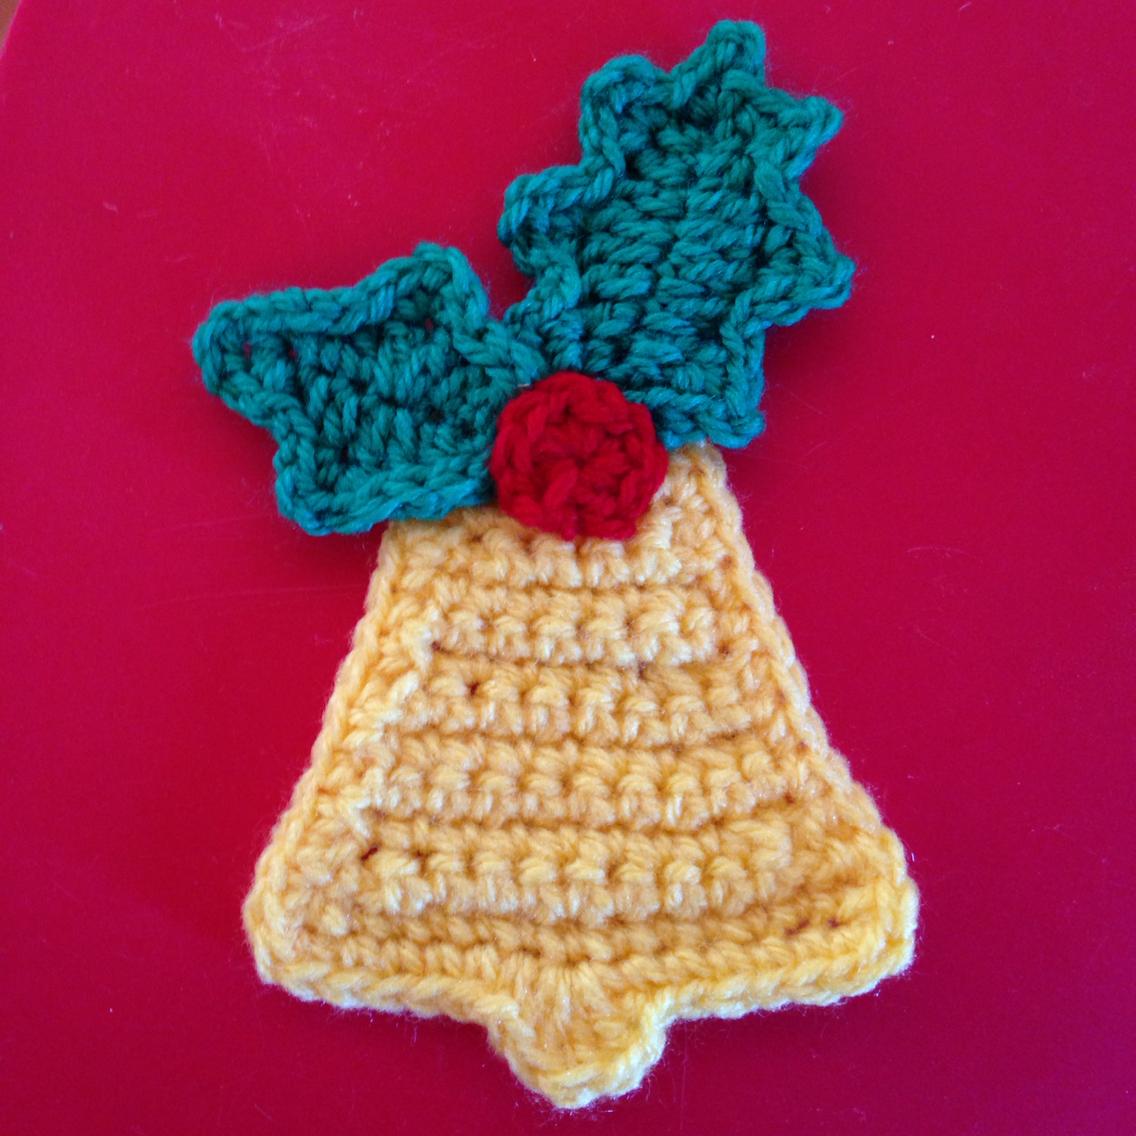 Crochet a Bell Applique for Christmas | Christmas Stuff | Pinterest